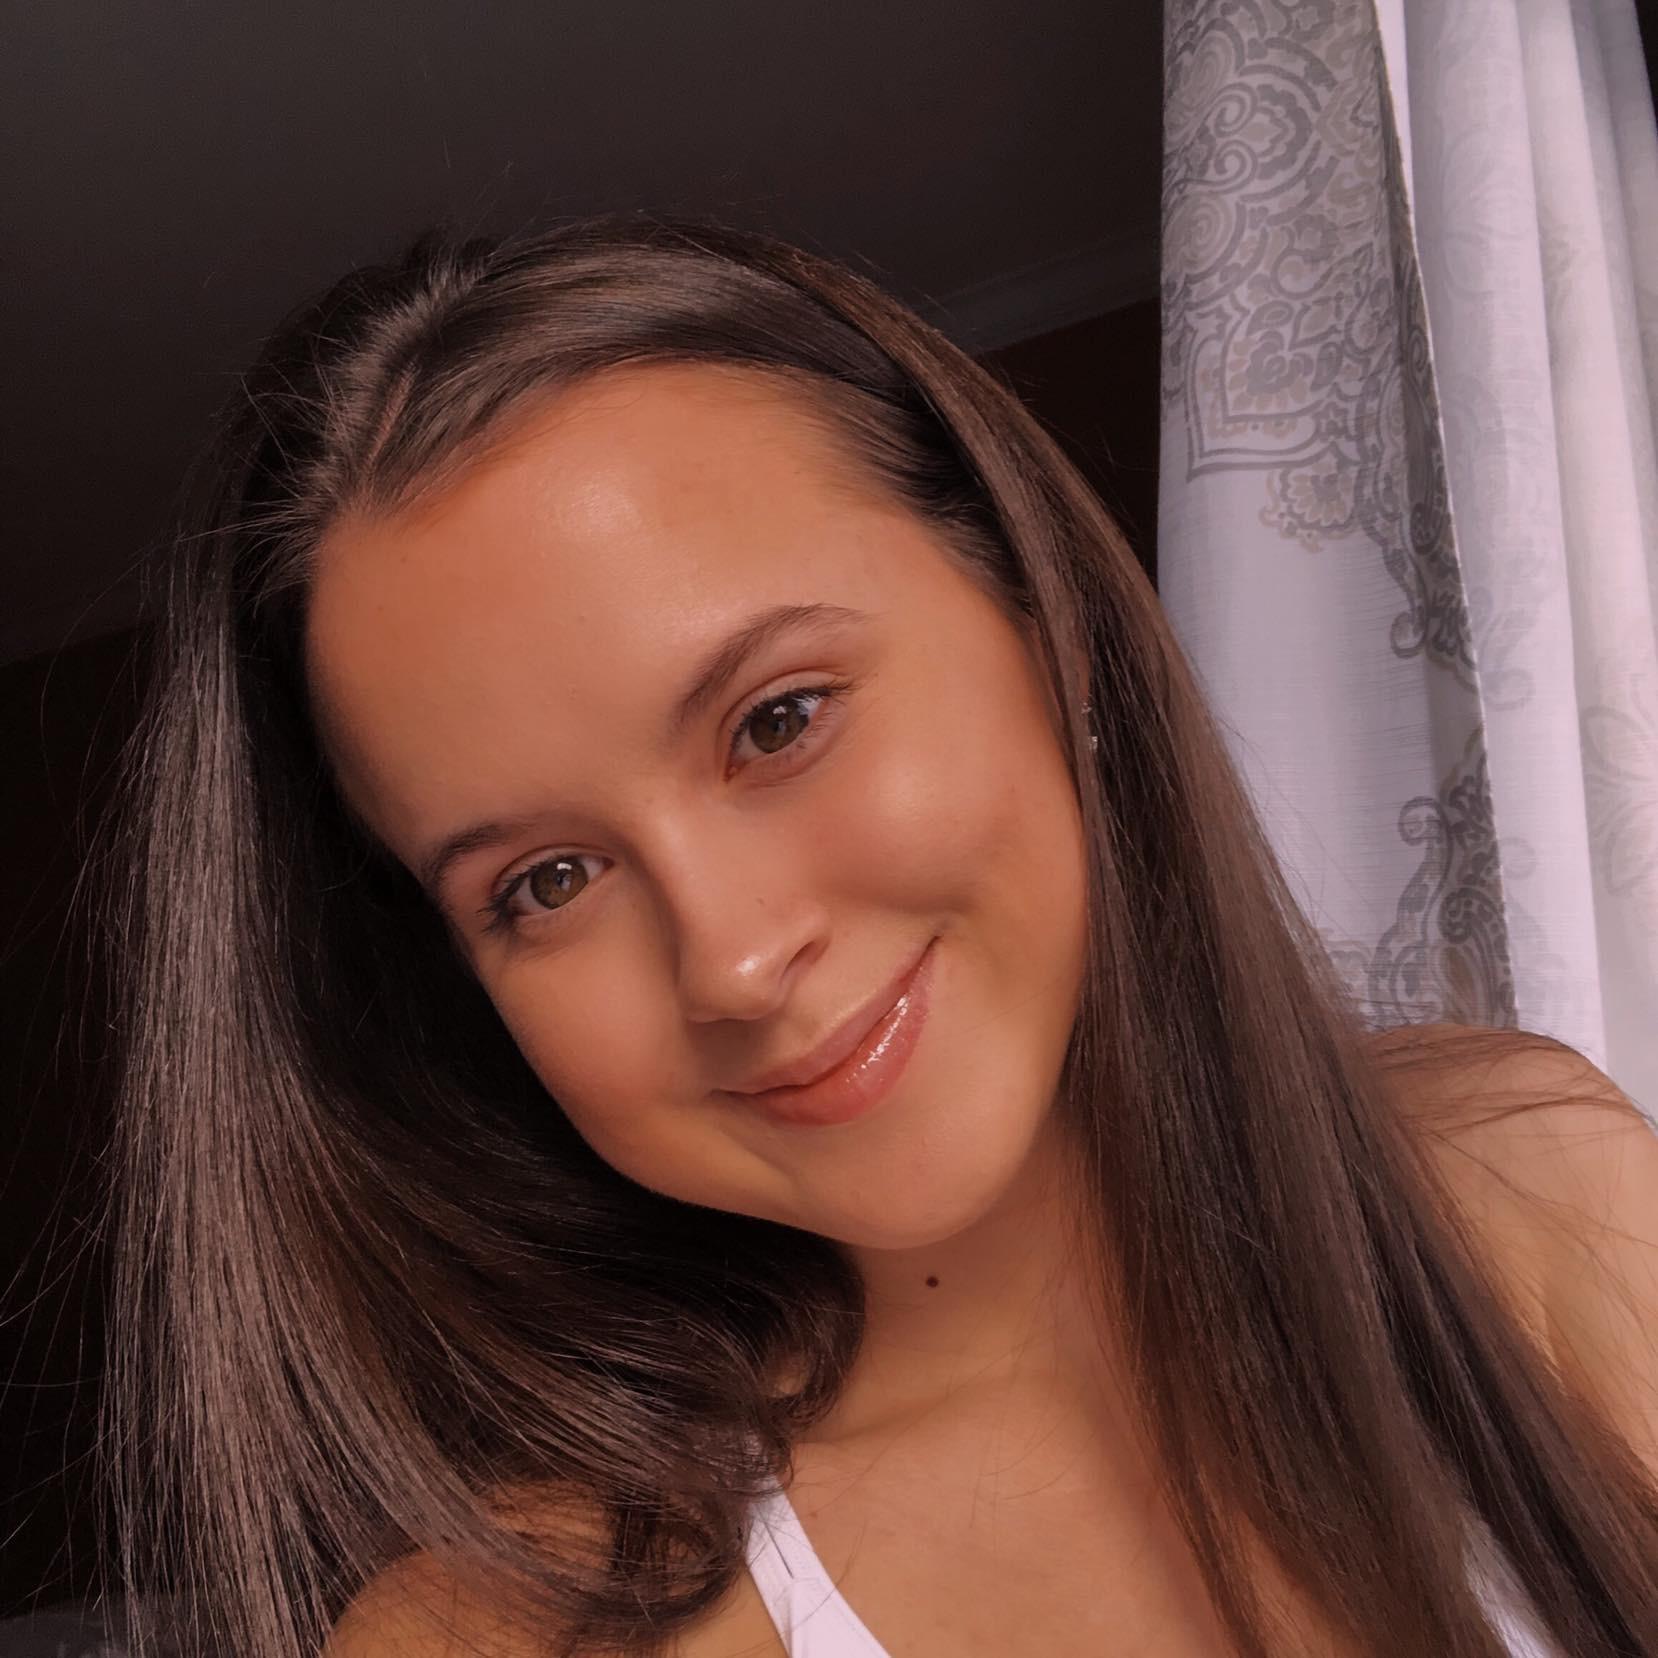 Mackenzie Loveless